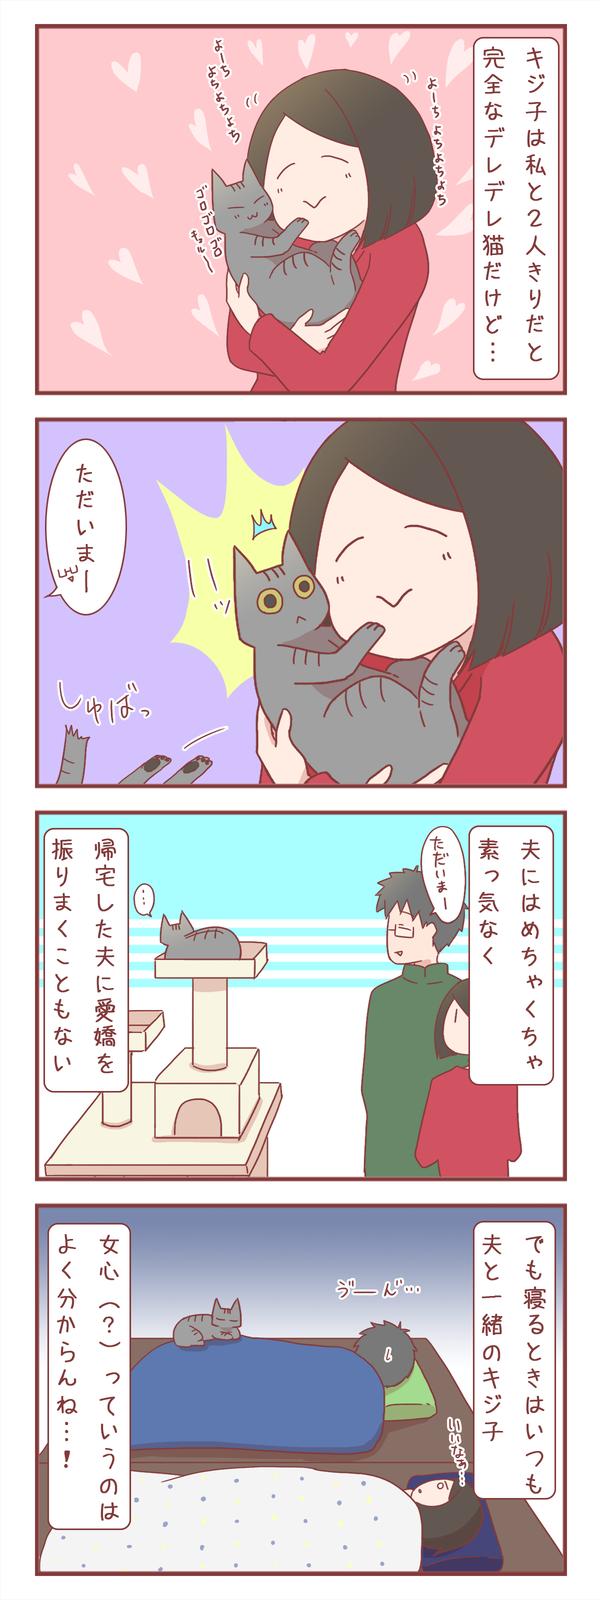 我が家の猫と夫の不思議な関係